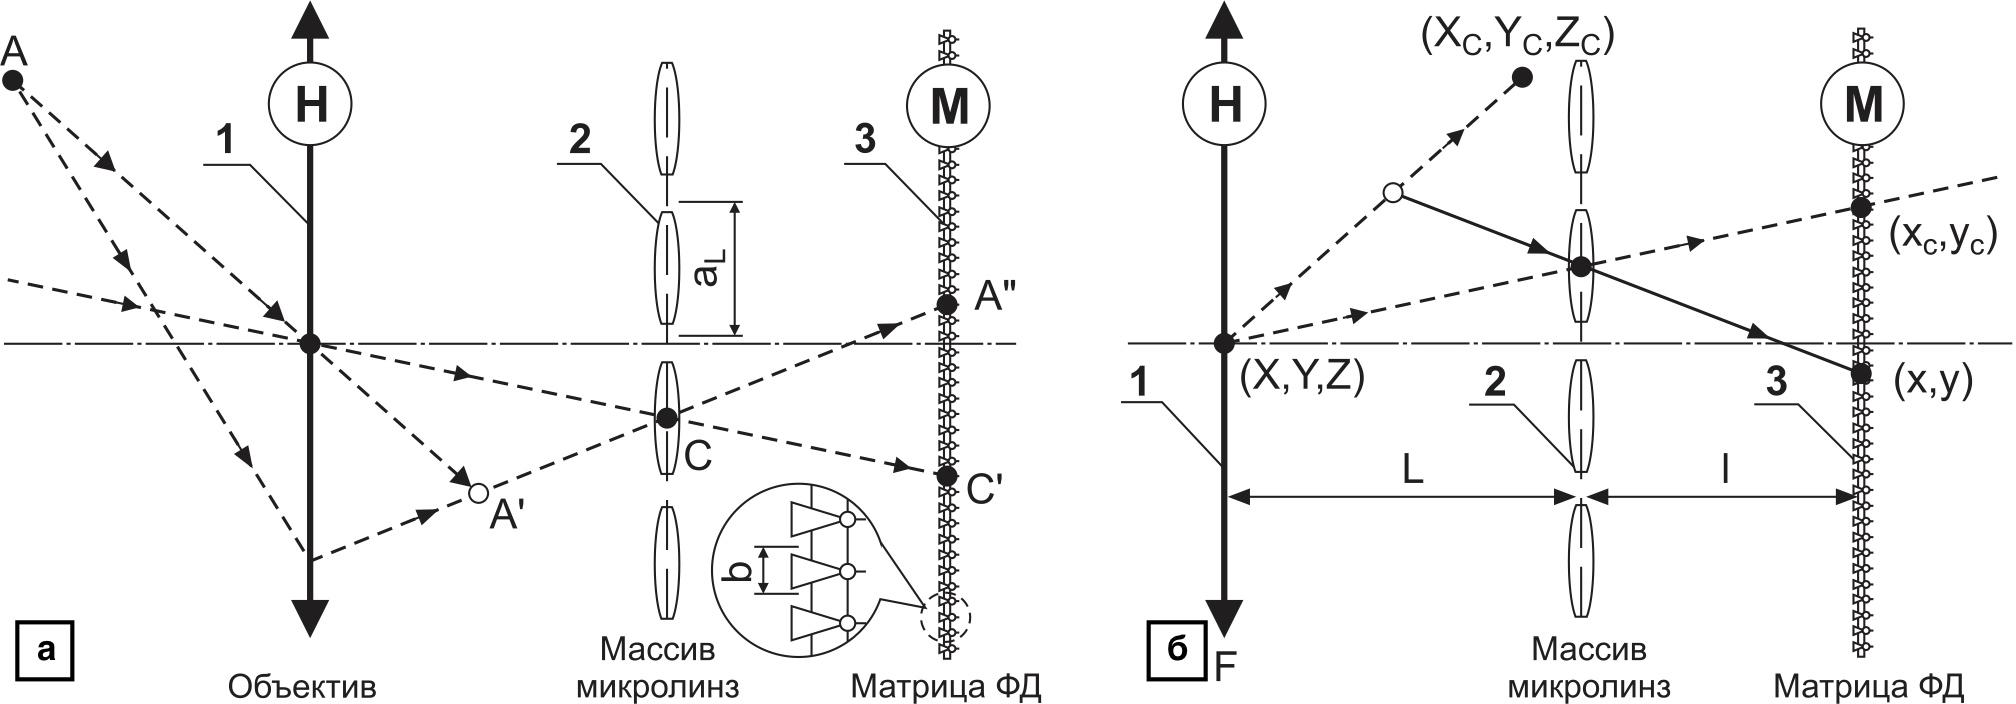 Проекционная модель камер СП на основе микролинз: a) ход лучей в оптической системе камеры СП; б) микролинзовая оптическая схема аналогична камере обскура, где 1 — основной объектив камеры СП; 2 — микролинзы; 3 — матрица фотодиодов (ФД)